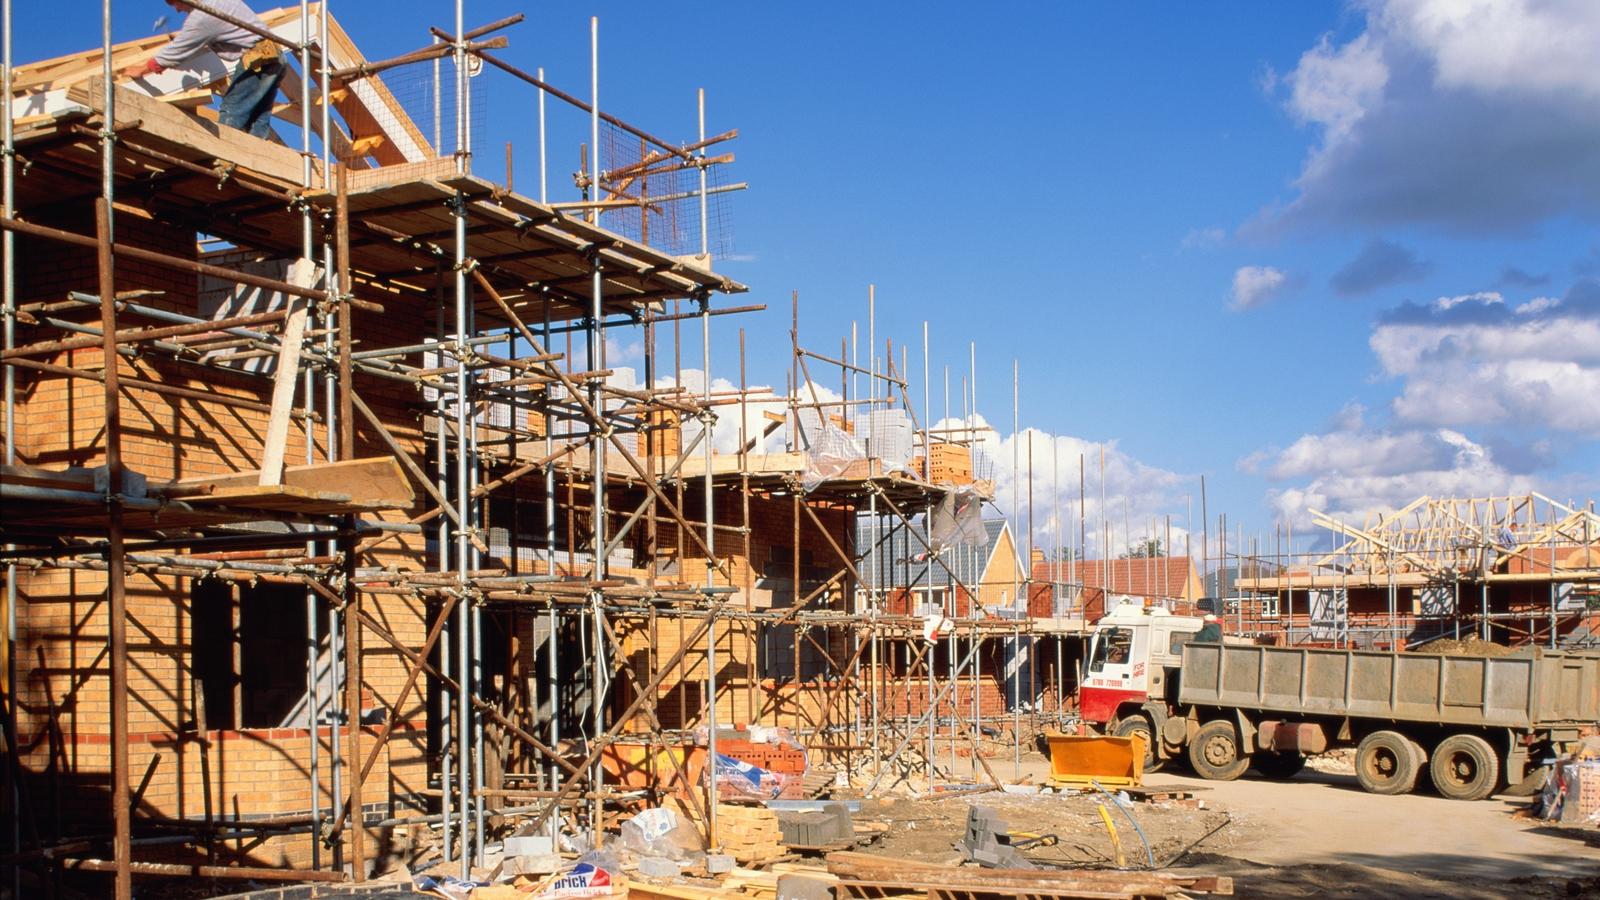 Construction activity bounces back, but costs soar